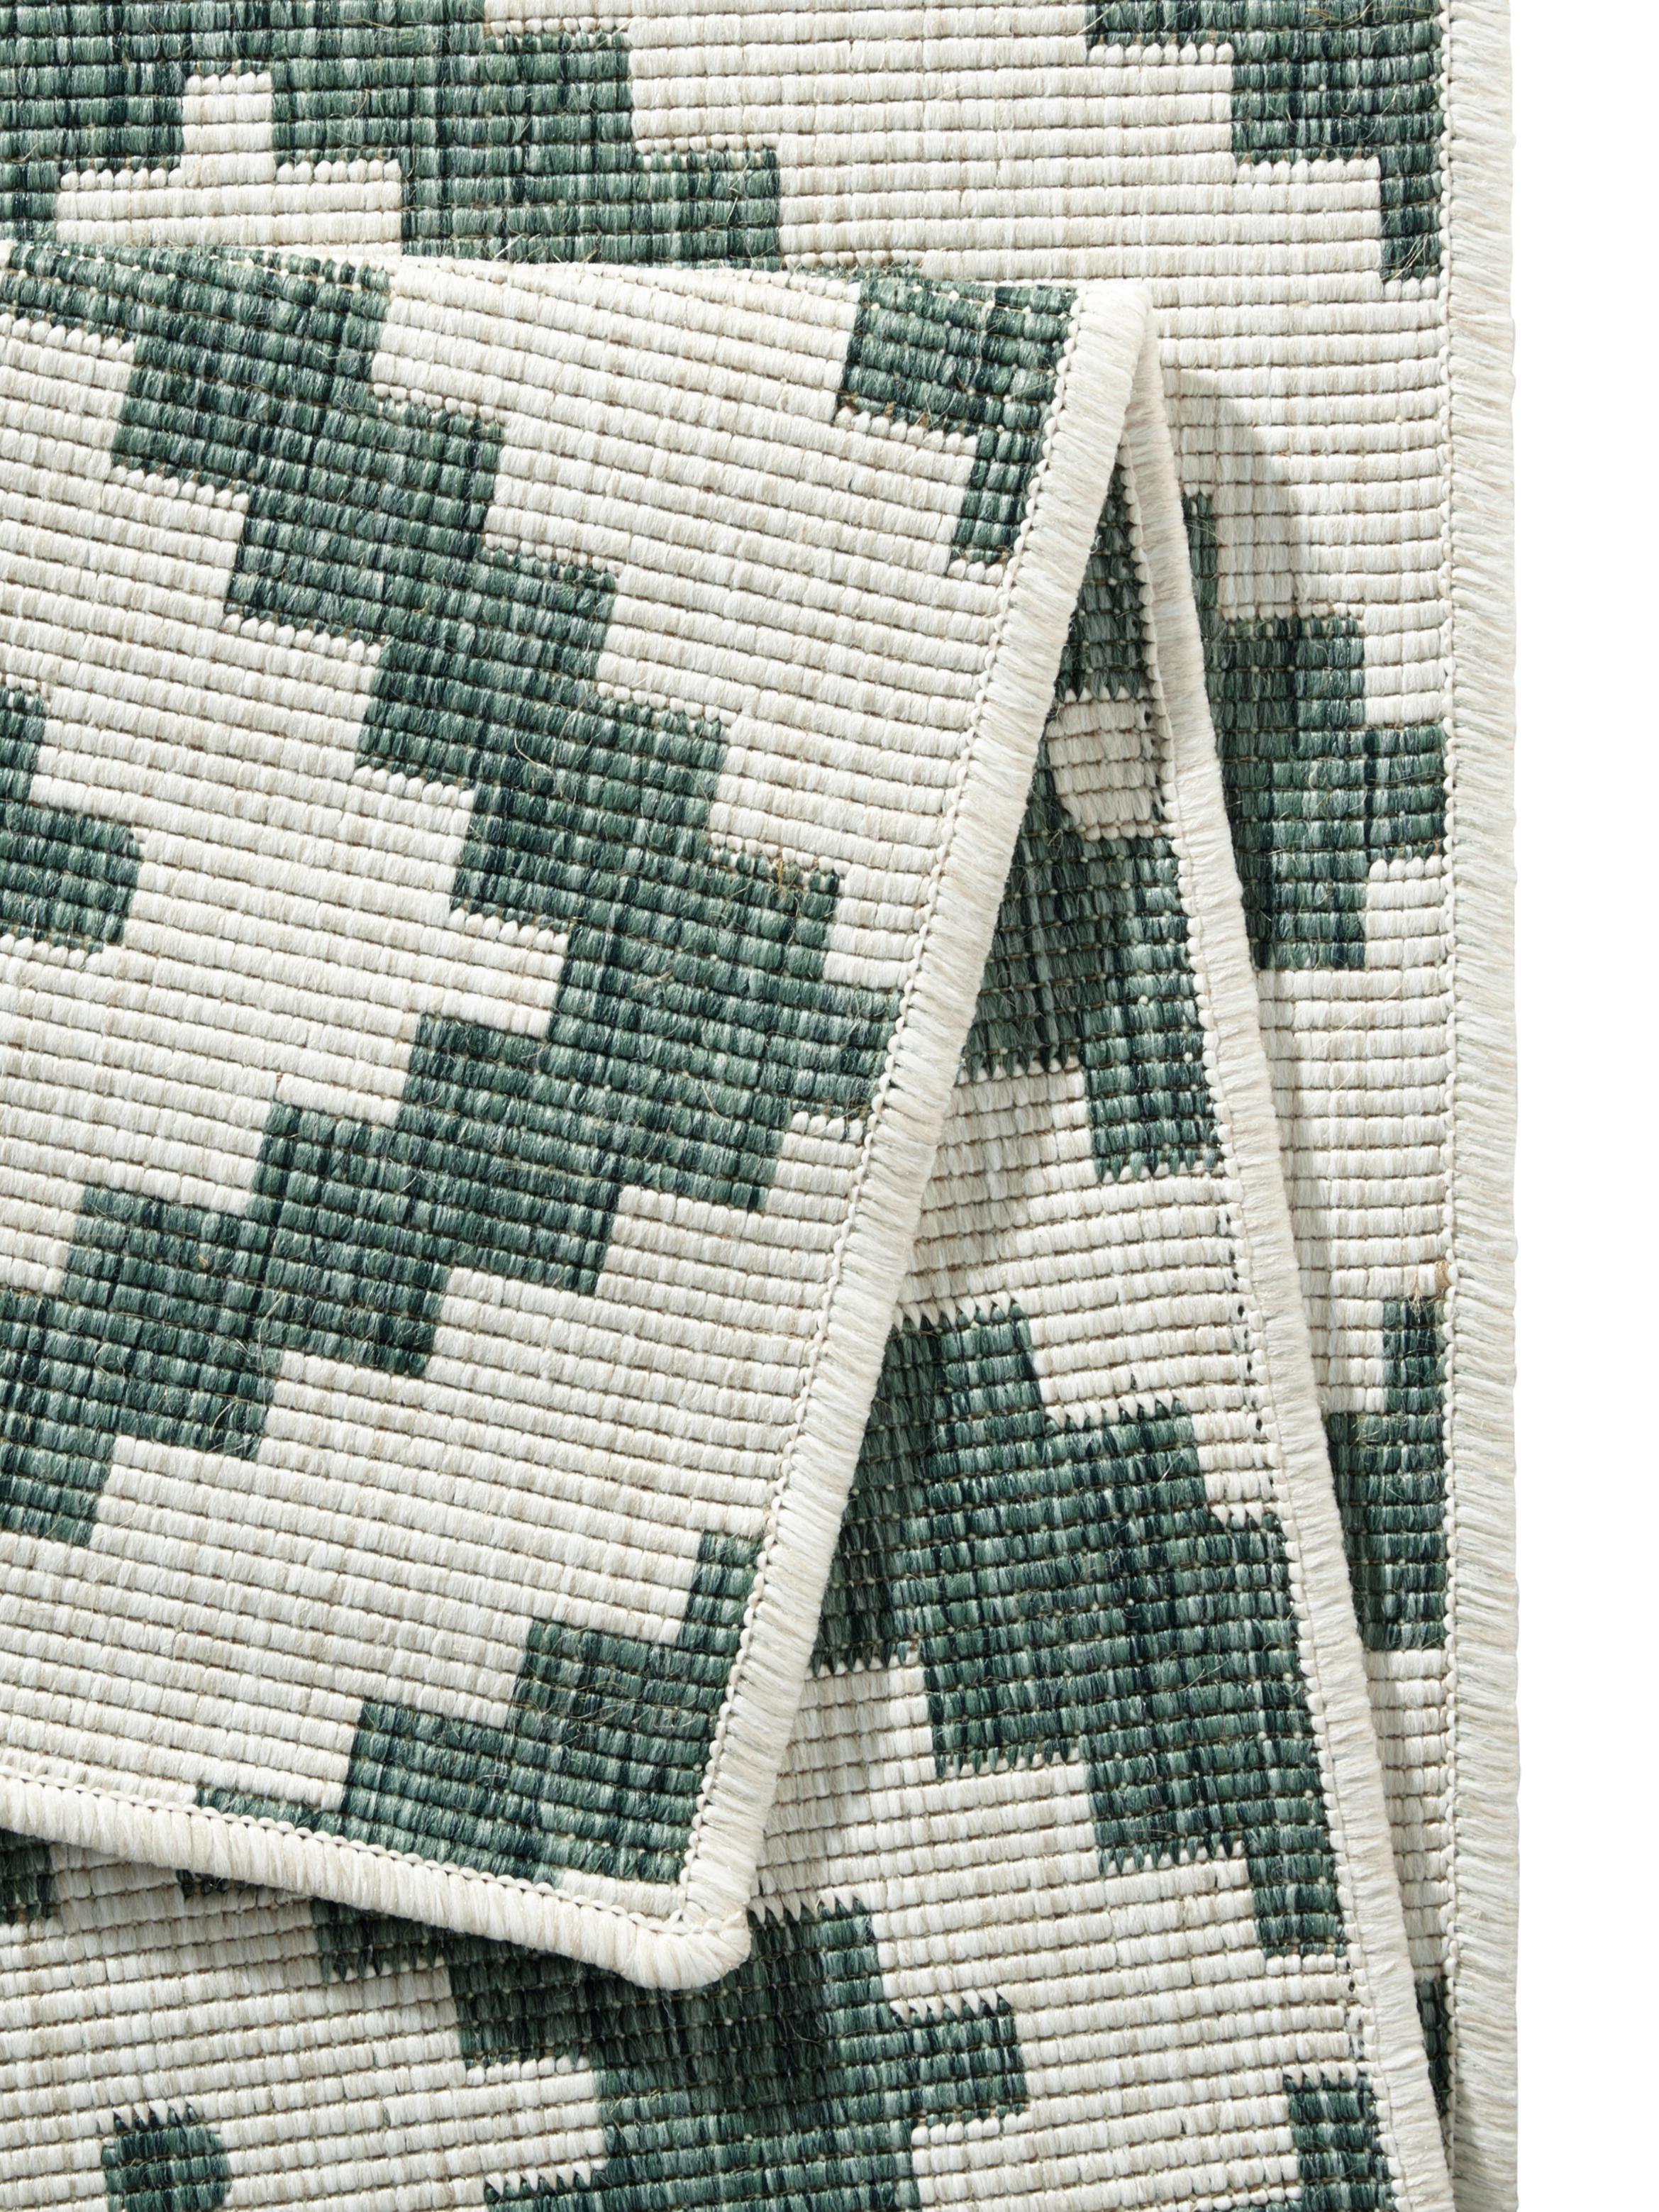 Tappeto reversibile da interno-esterno Malta, Verde, color crema, Larg. 80 x Lung. 150 cm (taglia XS)